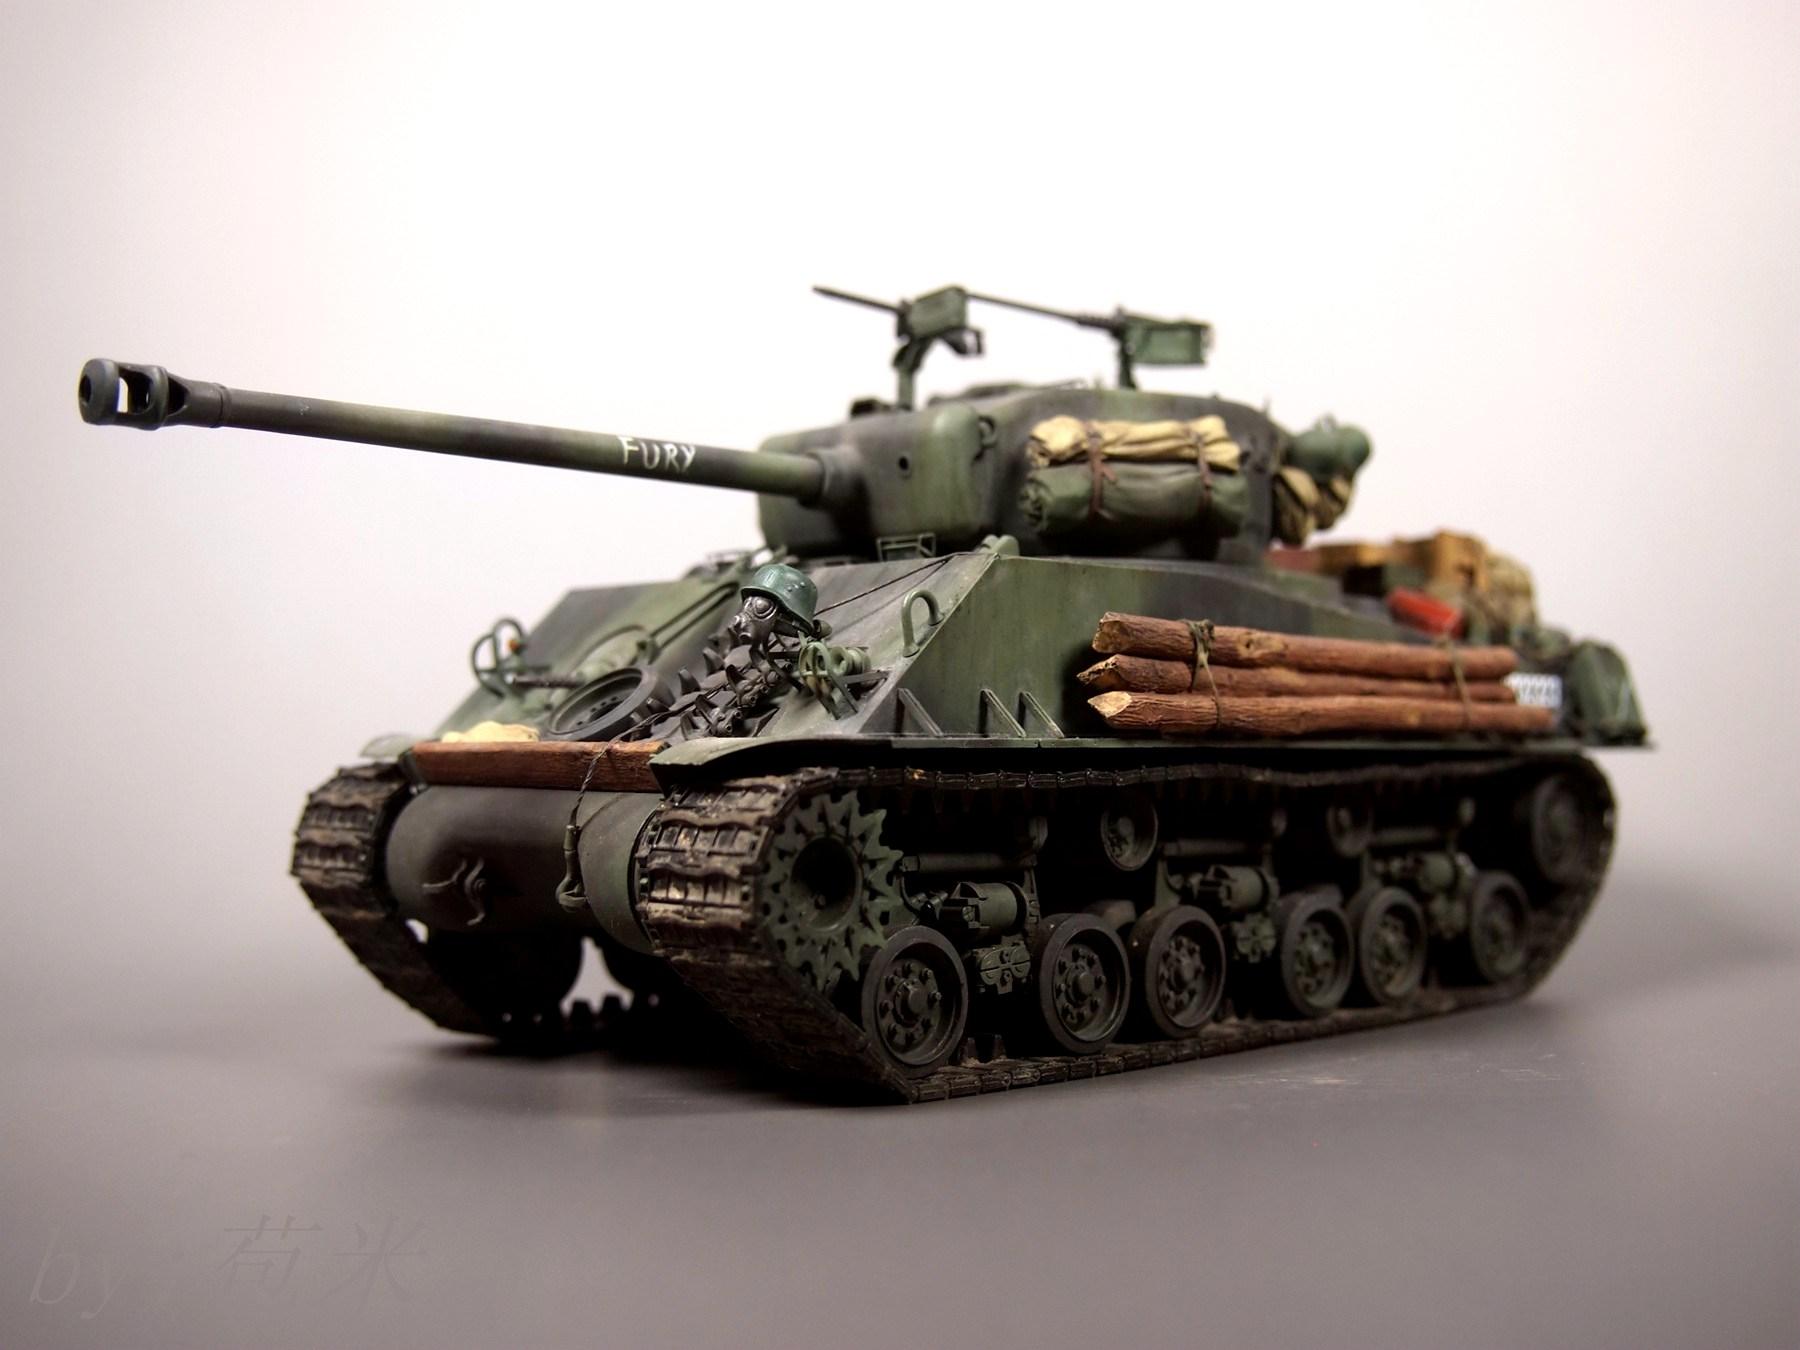 田宫模型 25175 1/35m4a3e8狂怒谢尔曼坦克